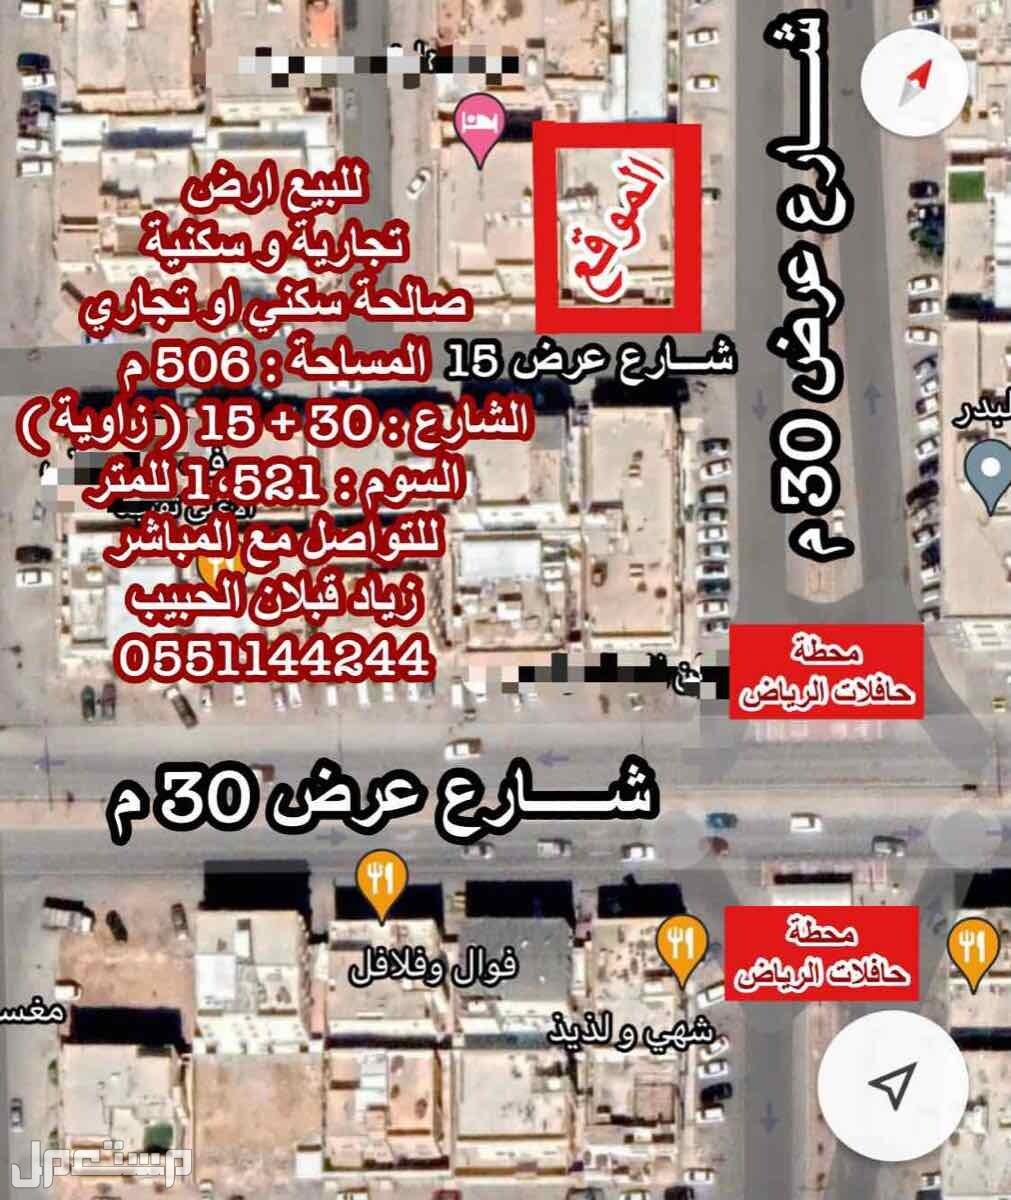 للبيع ارض تجارية في الرياض حي النسيم ( زاوية + تجاري و سكني )